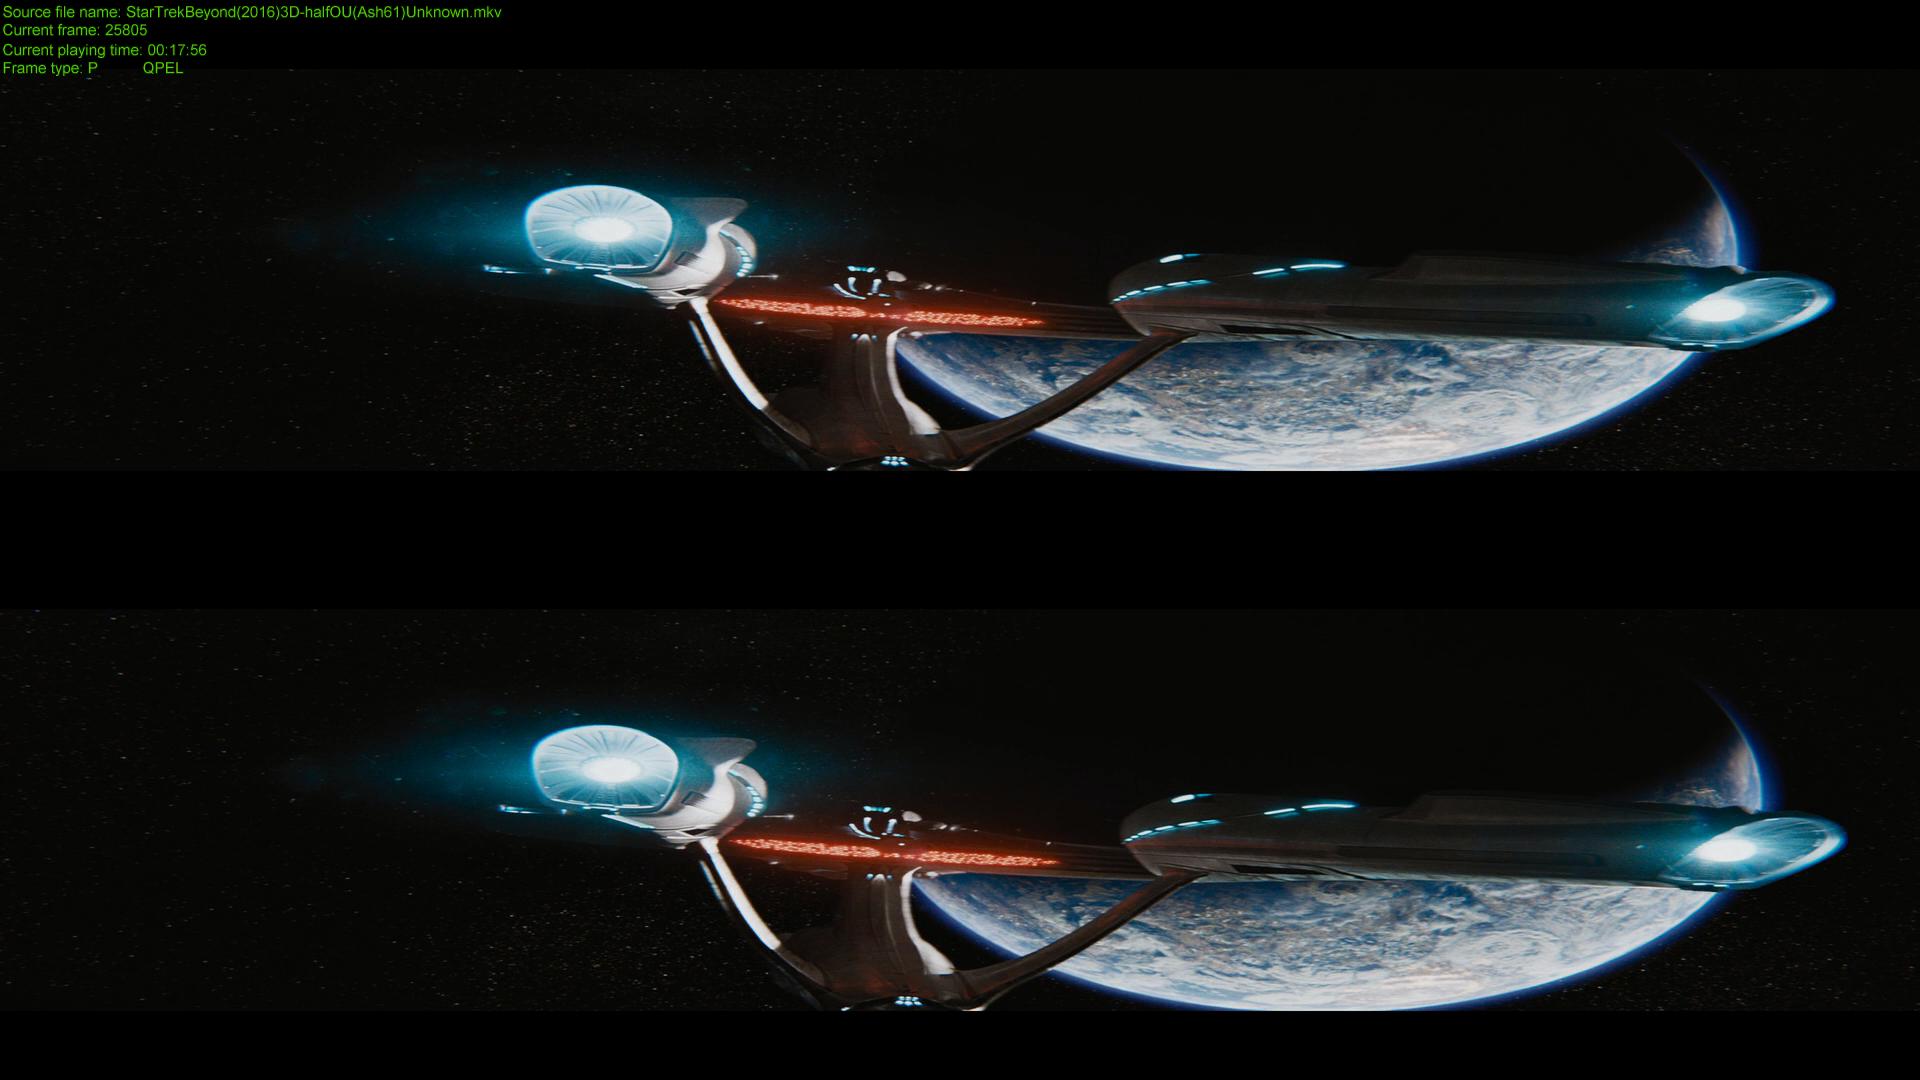 Фильм гравитация / gravity (2013) blu-ray remux 1080p.